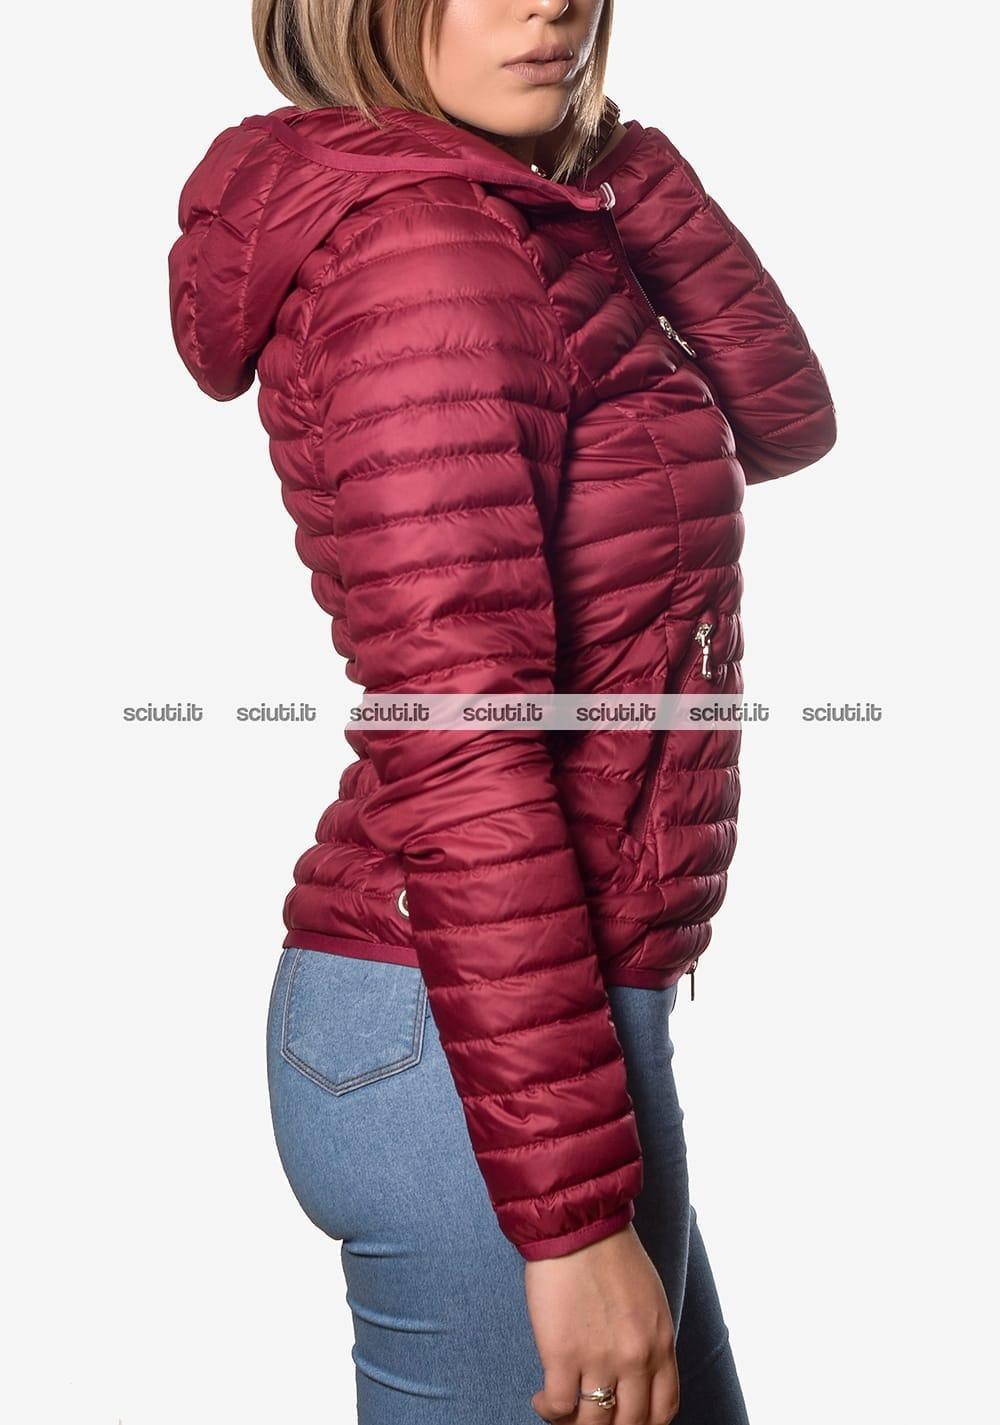 save off 98852 dd92a Piumino Colmar donna leggero con cappuccio bordeaux | Sciuti.it